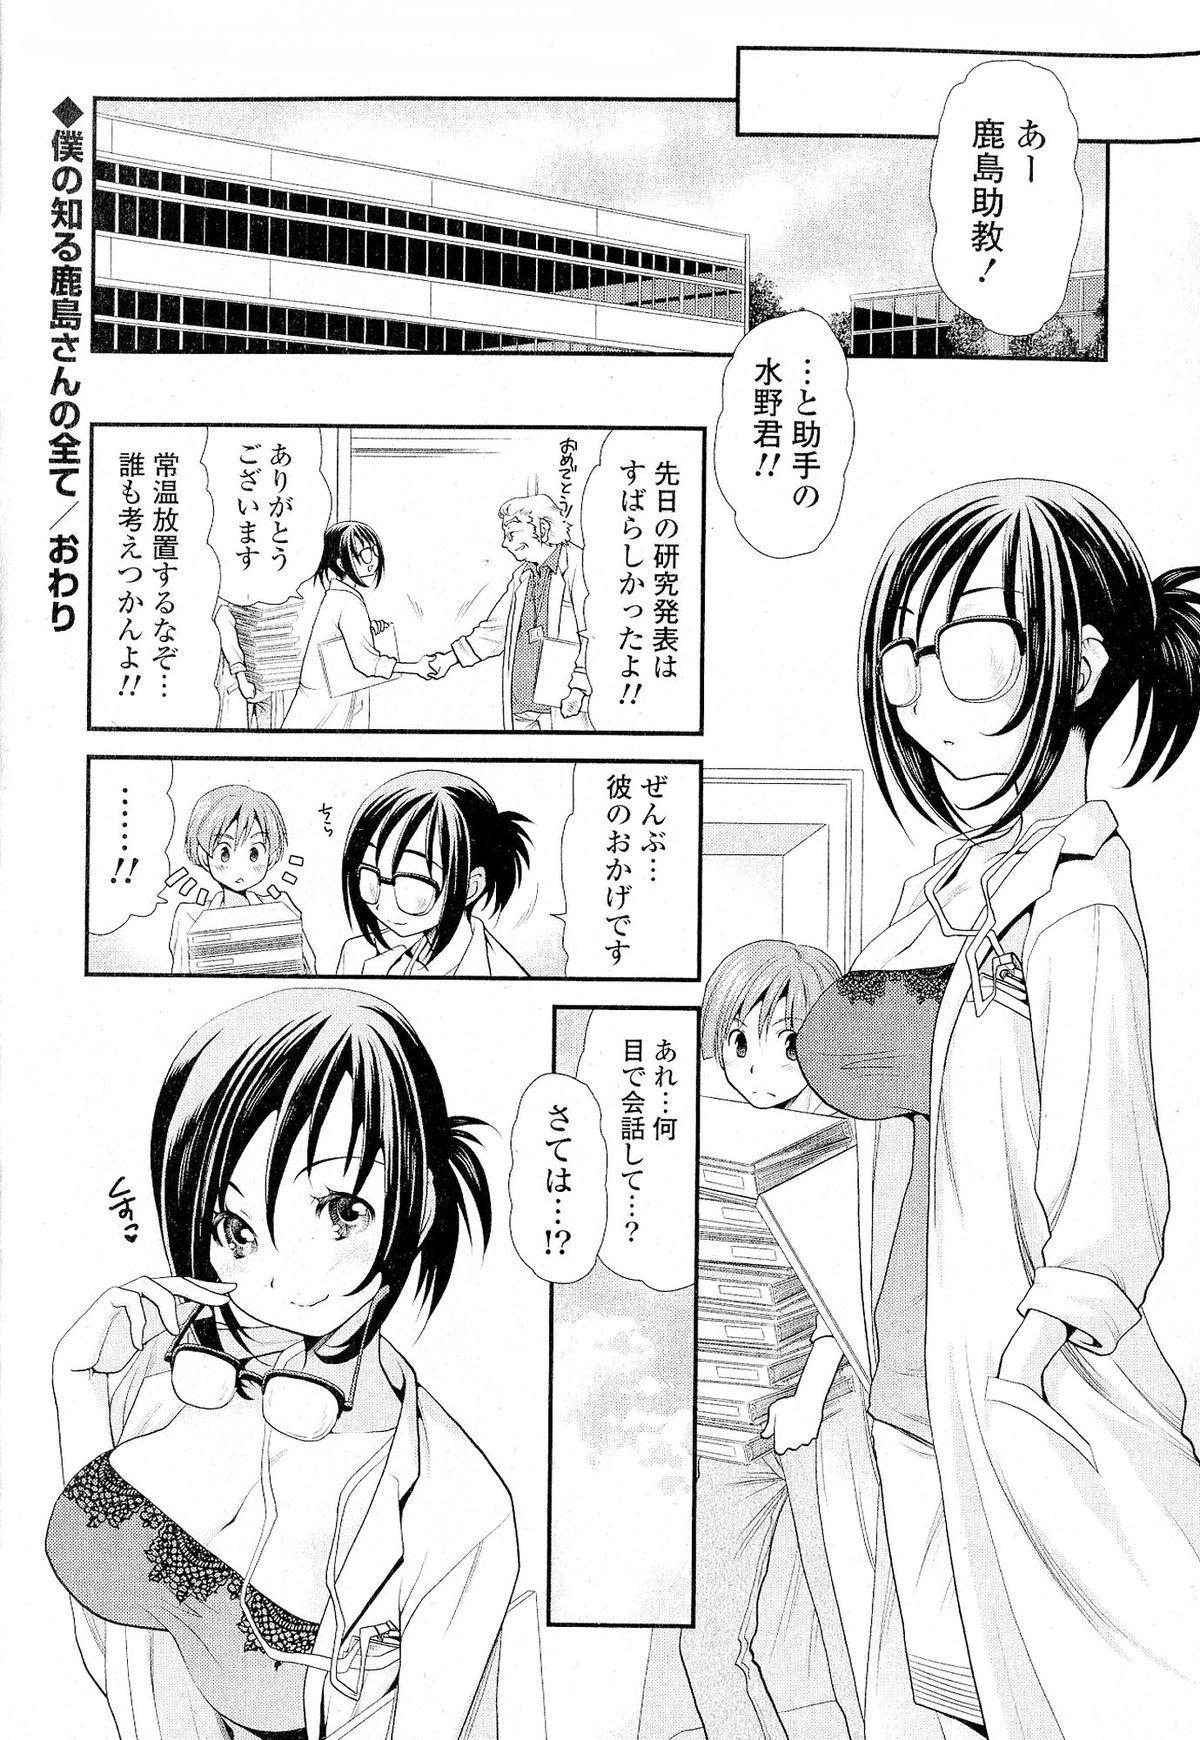 Doki ga Mune Mune Chichimusume 213